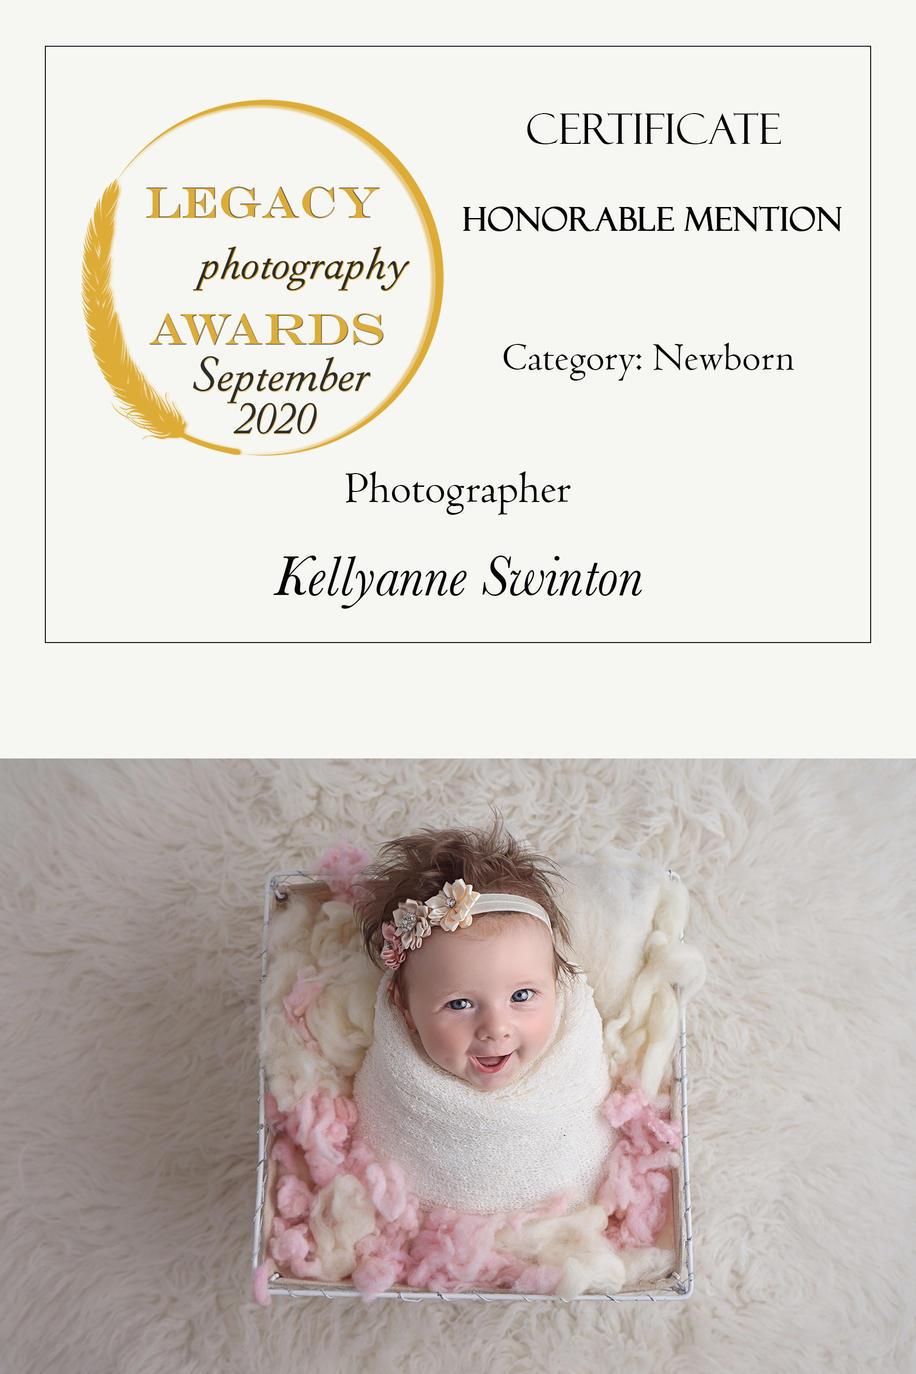 HM3 Kellyanne Swinton.jpg